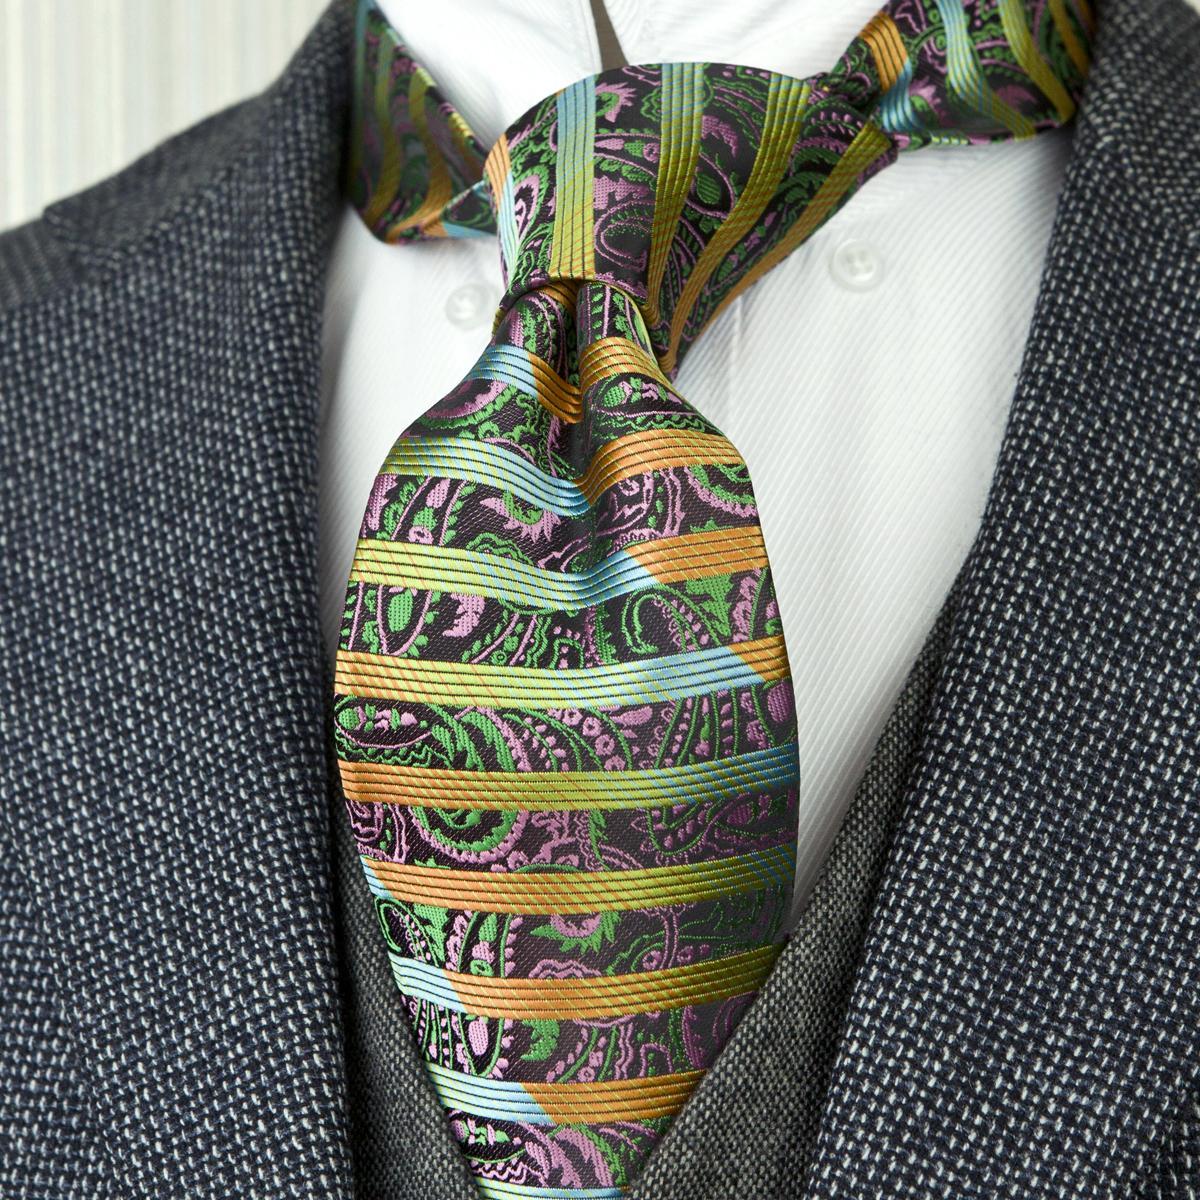 Trendy F14 Multicolor Stripes Paisley vert jaune bleu cravate pour hommes Cravate 100% soie jacquard tissé Tie Ensembles Hanky Livraison gratuite en gros